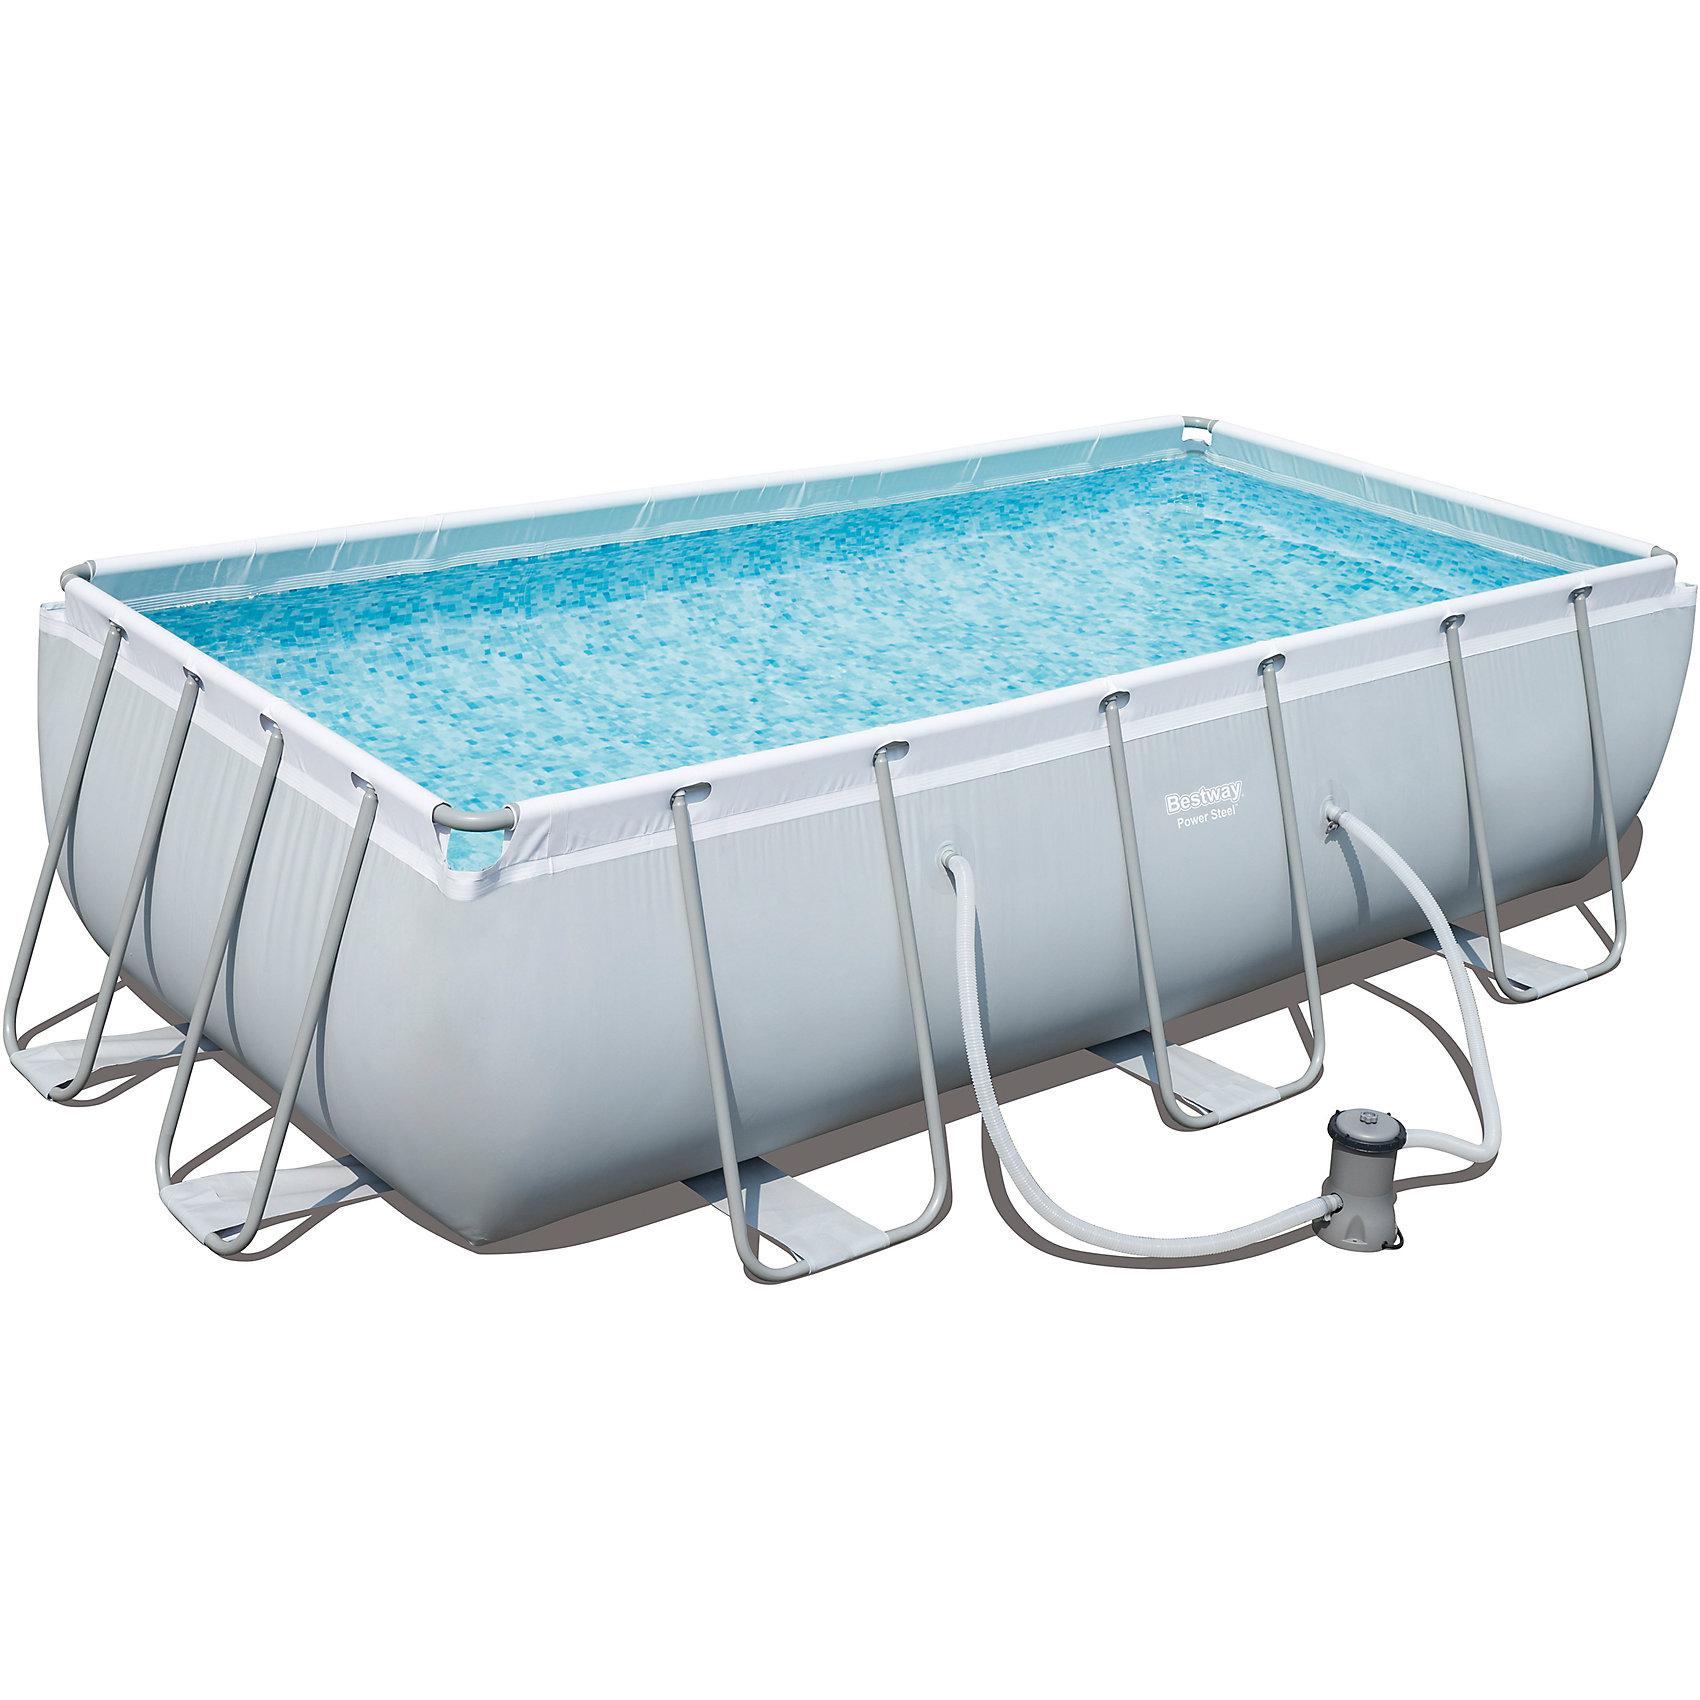 Каркасный бассейн с ф.-насосом 6478 л, BestwayКаркасный бассейн с ф.-насосом 6478 л, Bestway (Бествей)<br><br>Характеристики:<br><br>• прочный и устойчивый<br>• каркас из нержавеющей стали<br>• легко собирается и разбирается<br>• сливной клапан можно подключить к садовому шлангу<br>• объем: 4531 л<br>• система фильтрации 2006 л/ч<br>• размер: 404х201х100 см<br>• в комплекте: бассейн, насос, ремкомплект, инструкция, DVD<br>• размер упаковки: 61,5х41,5х15,5 см<br>• вес: 51 кг<br><br>Каркасный бассейн Bestway очень прочный и устойчивый. Каркас изготовлен из нержавеющей стали. Чаша бассейна изготовлена из двухслойного винила и полиэстера. Бассейн оснащен сливным клапаном, который возможно подключить к садовому шлангу. Процесс сборки и подключения очень прост. Кроме того, в комплект входит подробная инструкция по эксплуатации и DVD диск, предоставляющий полную информацию об использовании бассейна. Общее время сборки и подключения не превышает 2-3 часа.<br><br>Каркасный бассейн с ф.-насосом 6478 л, Bestway (Бествей) вы можете купить в нашем интернет-магазине.<br><br>Ширина мм: 595<br>Глубина мм: 315<br>Высота мм: 1290<br>Вес г: 51012<br>Возраст от месяцев: 72<br>Возраст до месяцев: 2147483647<br>Пол: Унисекс<br>Возраст: Детский<br>SKU: 5486912